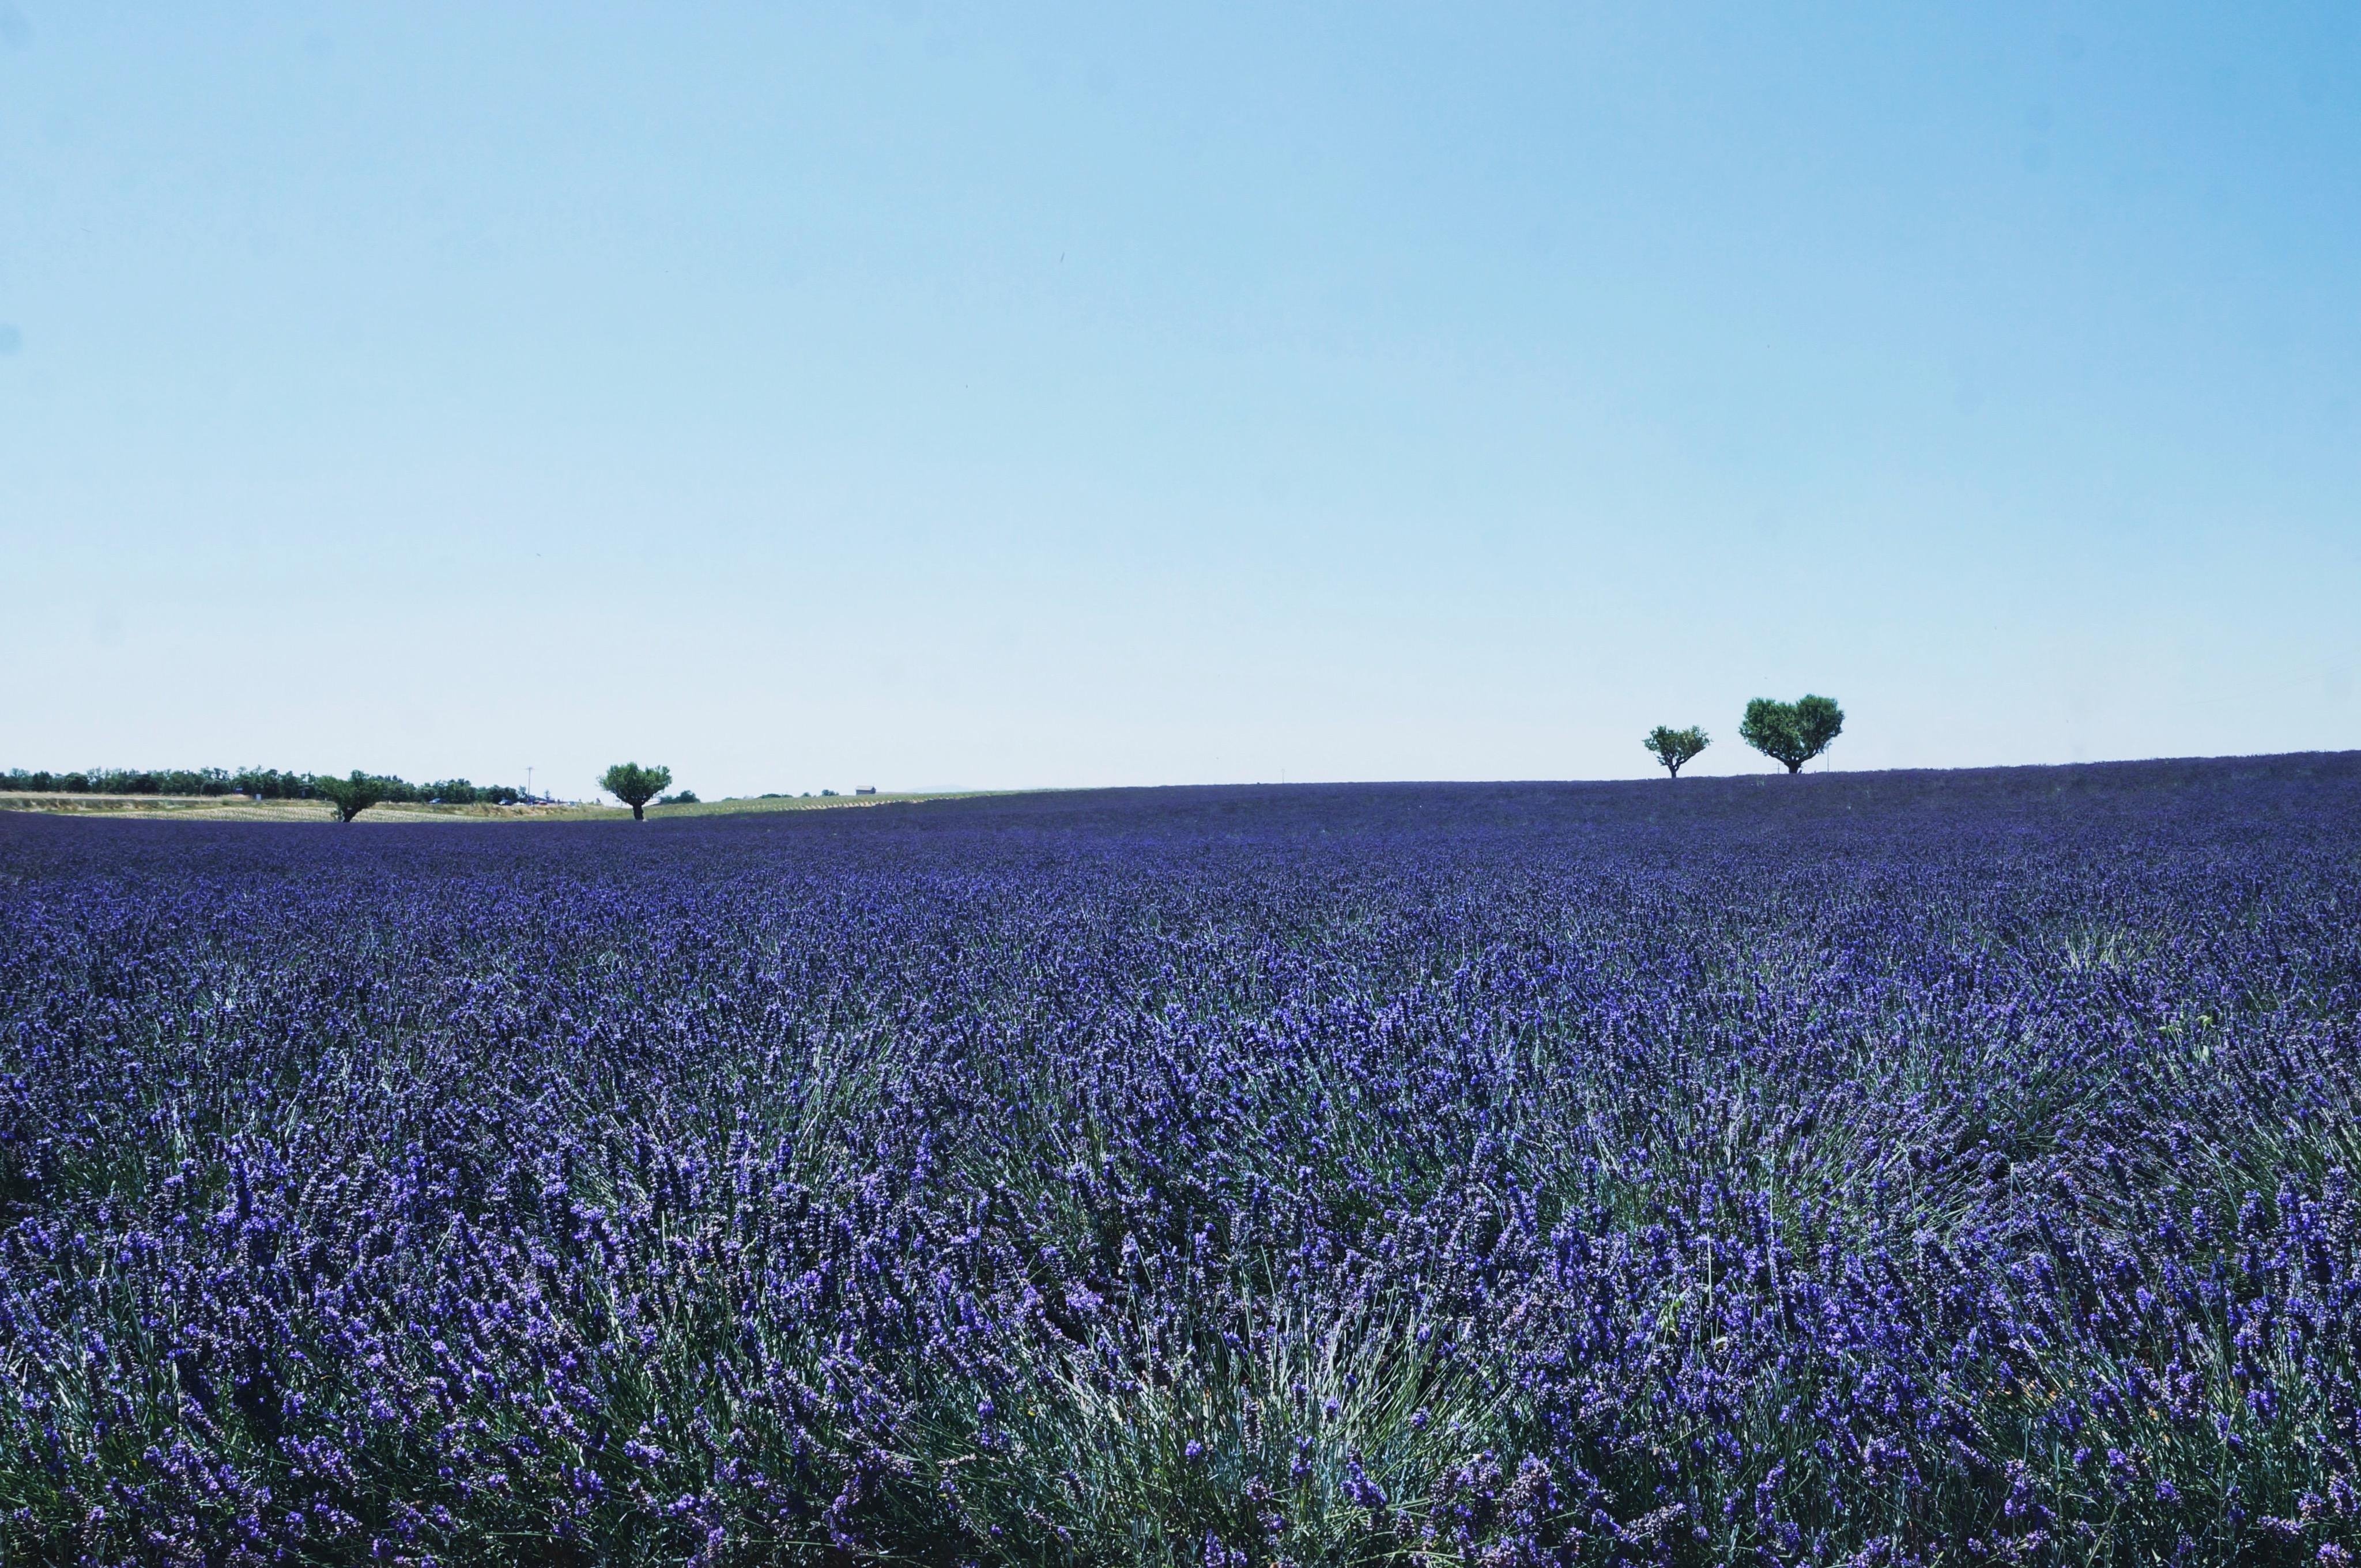 Lavendelfelder, Valensole, Provence Frankreich, Reisen, Weltwunder, schön, Natur, Felder